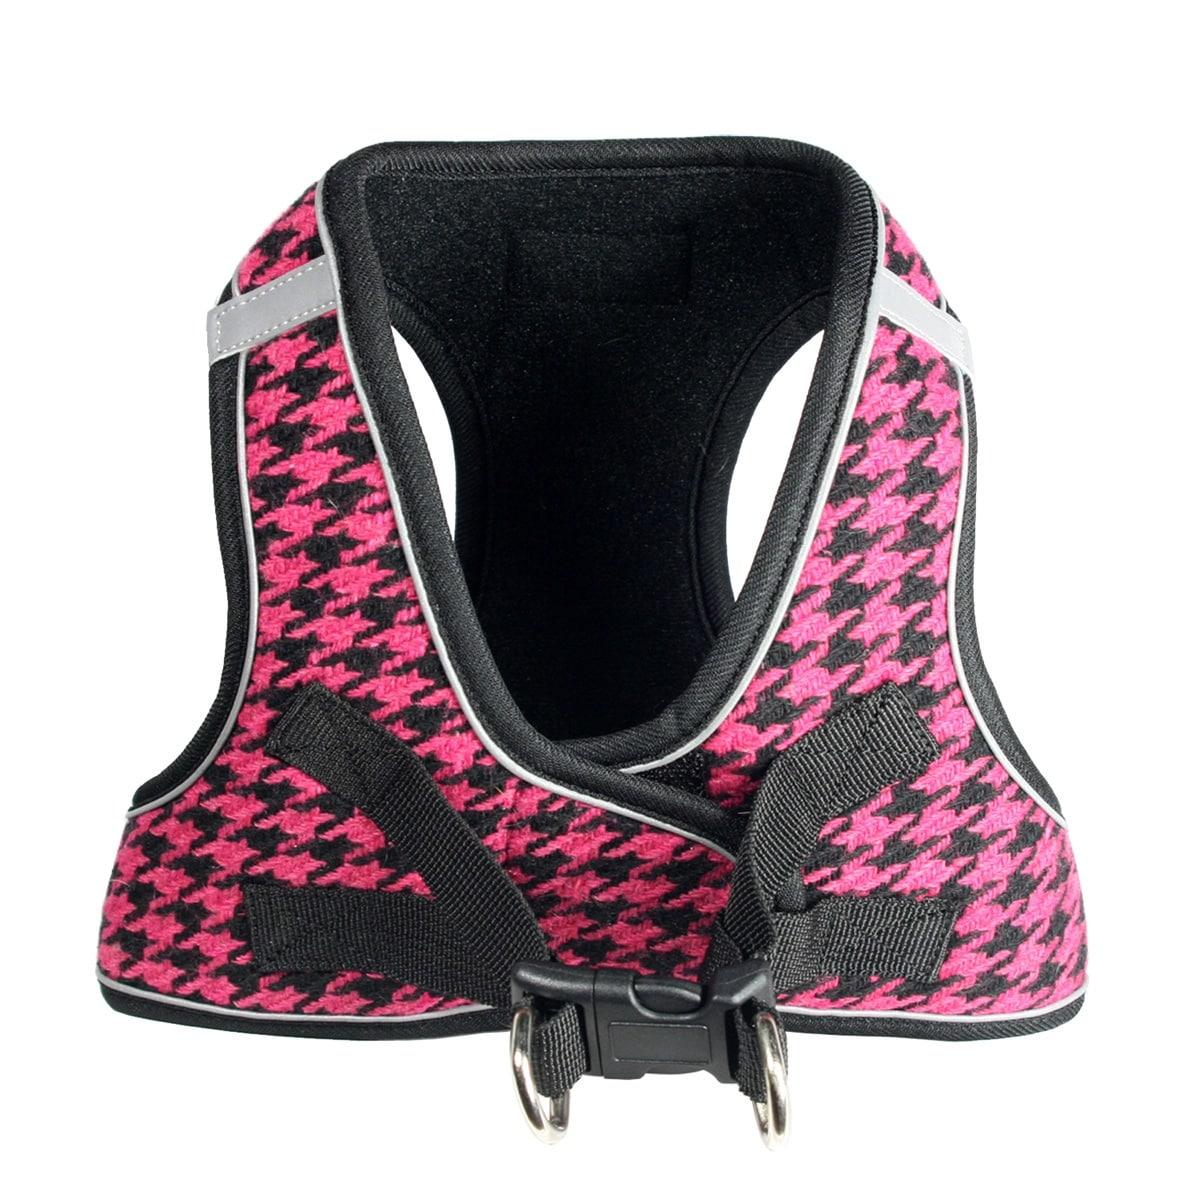 EZ Reflective Houndstooth Dog Harness Vest by Hip Doggie - Pink/Black (Pink/Black - Medium)